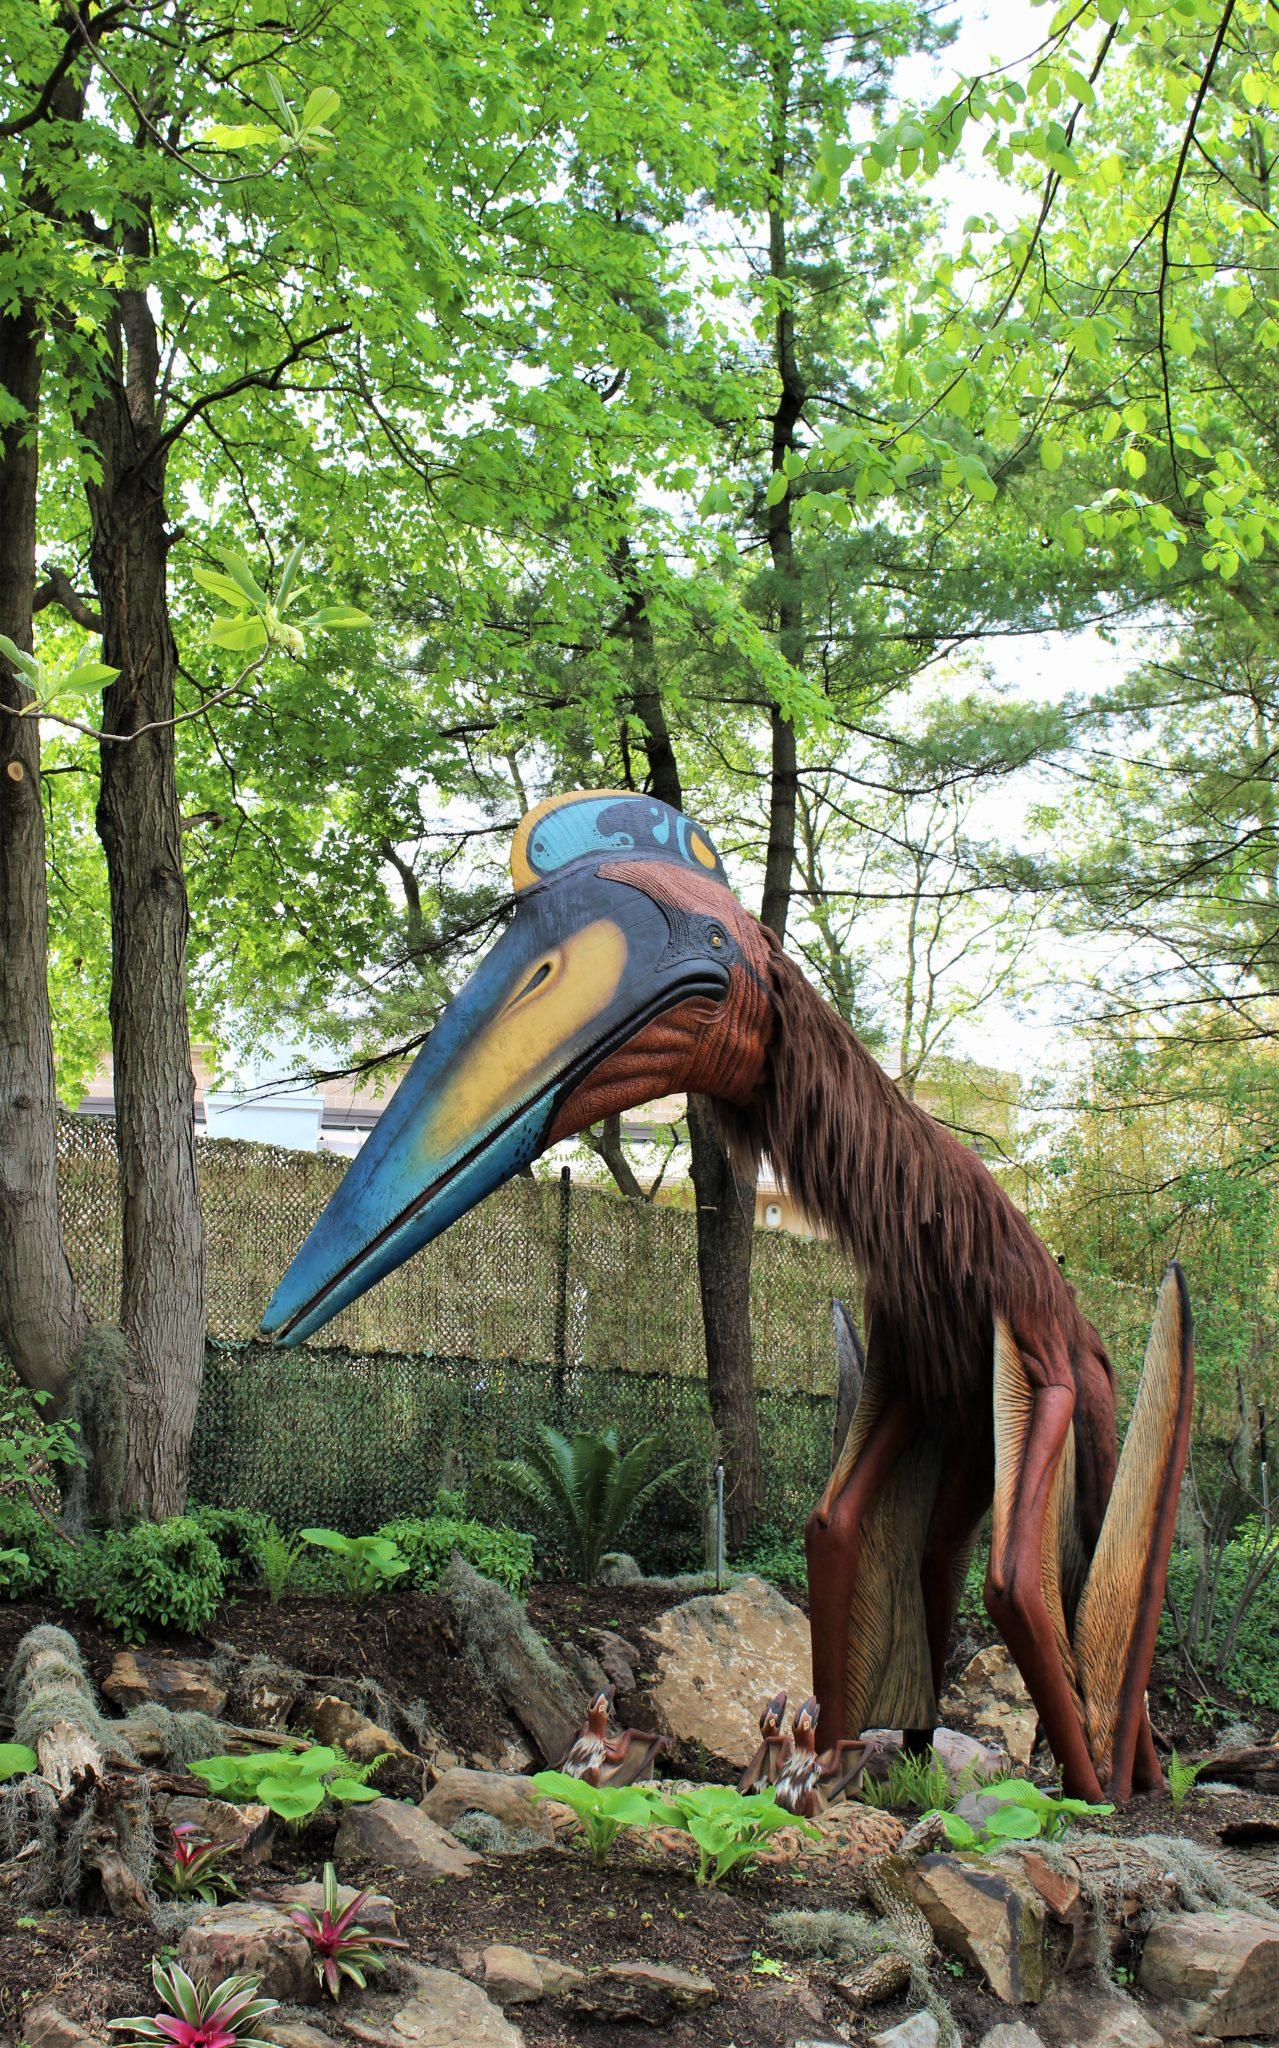 animatronic quetzalcoatlus at st louis zoo